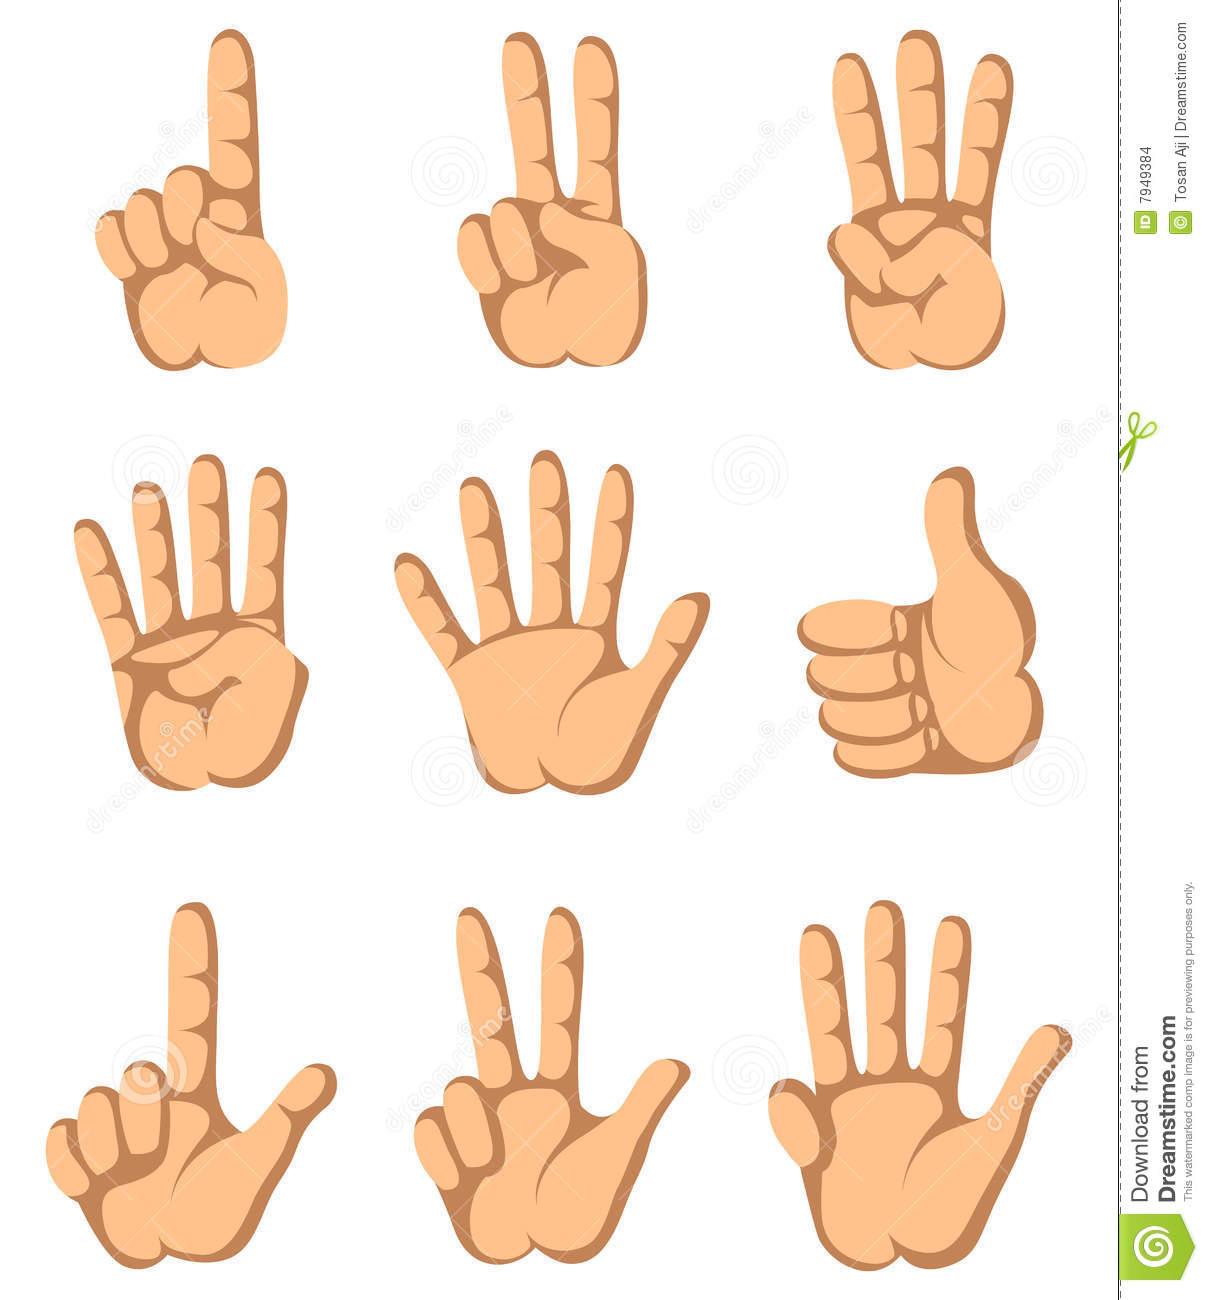 Number 1 finger clipart clip freeuse Number 1 Finger Clipart - Clipart Kid clip freeuse